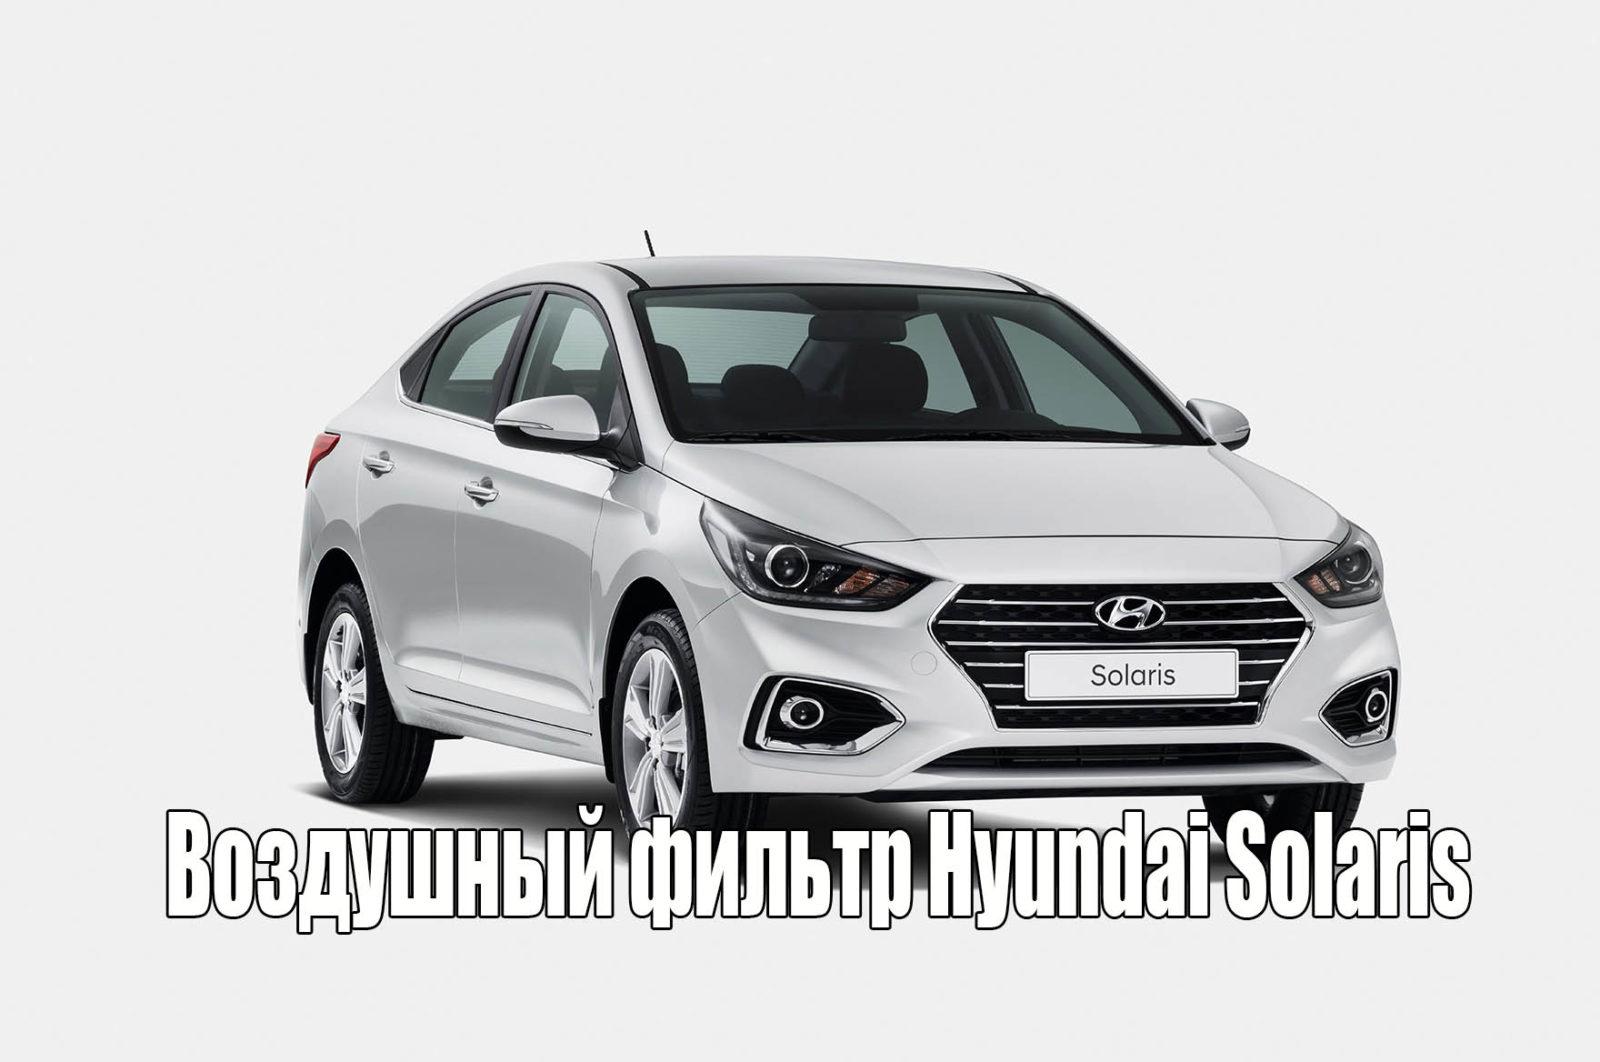 Воздушный фильтр Hyundai Solaris двигателя и салона (хендай солярис).